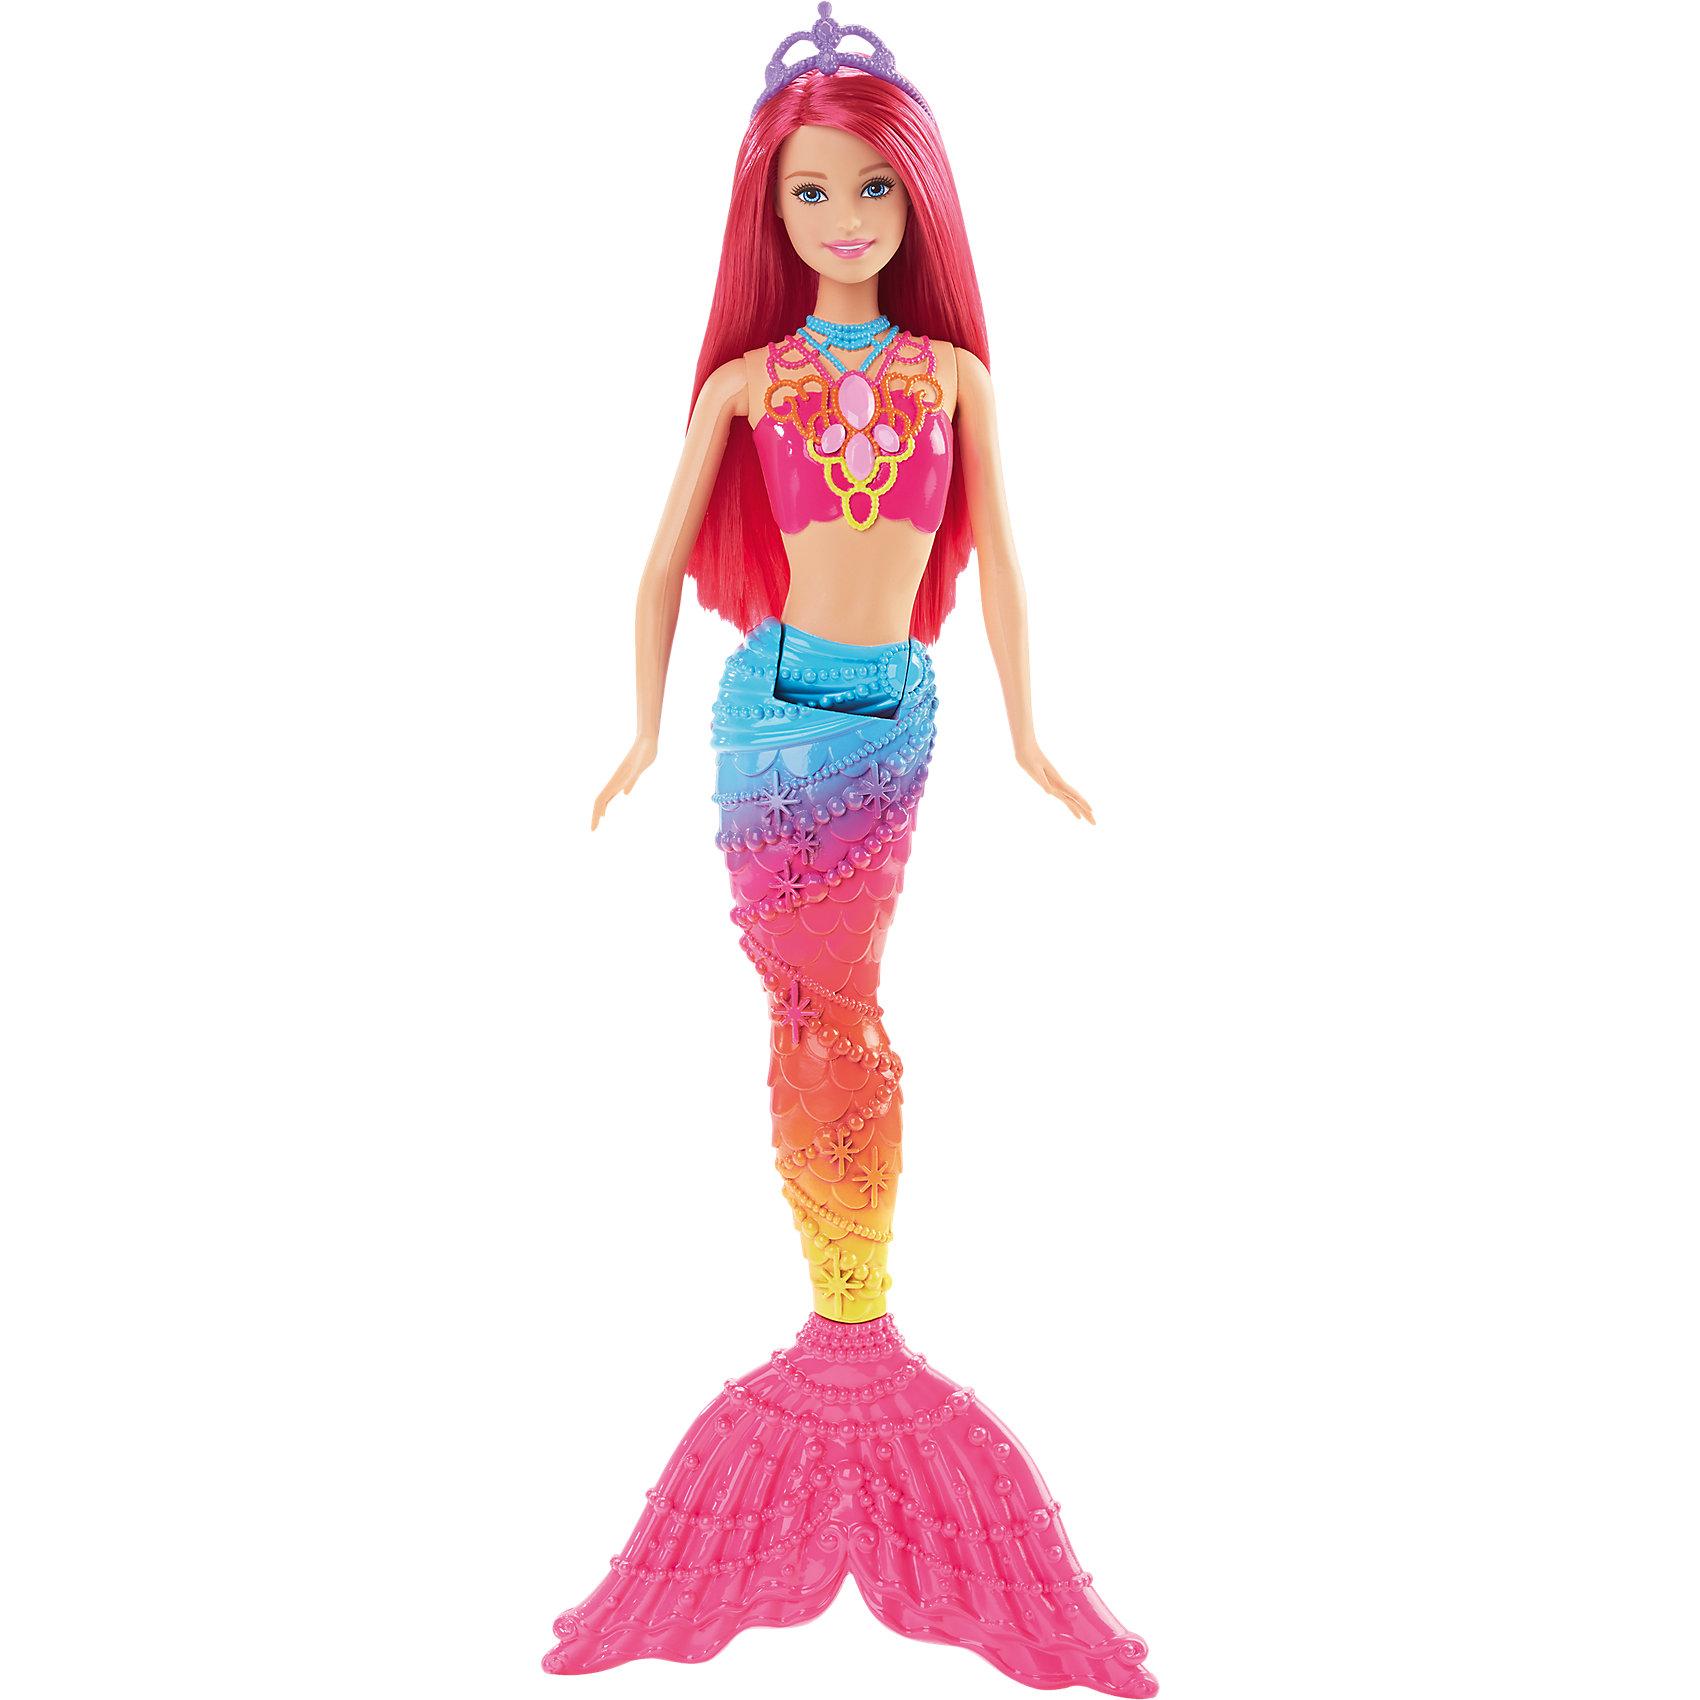 Кукла Rainbow Радужная русалочка, BarbieПопулярные игрушки<br>Кукла Rainbow из серии Радужная русалочка похожа на настоящую русалку, вышедшую из моря. Длинные яркие волосы можно уложить в красивую прическу, украшенную диадемой. Кукла одета в розовый топ, хвостик радужной расцветки. Руки и хвостик подвижные, что поможет принять русалке нужную позу для сюжетно-ролевых игр. Девочка с удовольствием поиграет с подружками с этой куклой!<br><br>Дополнительная информация:<br>Материал: пластик<br>Высота куклы: 34,5 см<br>Вес: 215 грамм<br>Куклу Rainbow, Barbie можно купить в нашем интернет-магазине.<br><br>Ширина мм: 327<br>Глубина мм: 129<br>Высота мм: 43<br>Вес г: 214<br>Возраст от месяцев: 36<br>Возраст до месяцев: 72<br>Пол: Женский<br>Возраст: Детский<br>SKU: 4349930